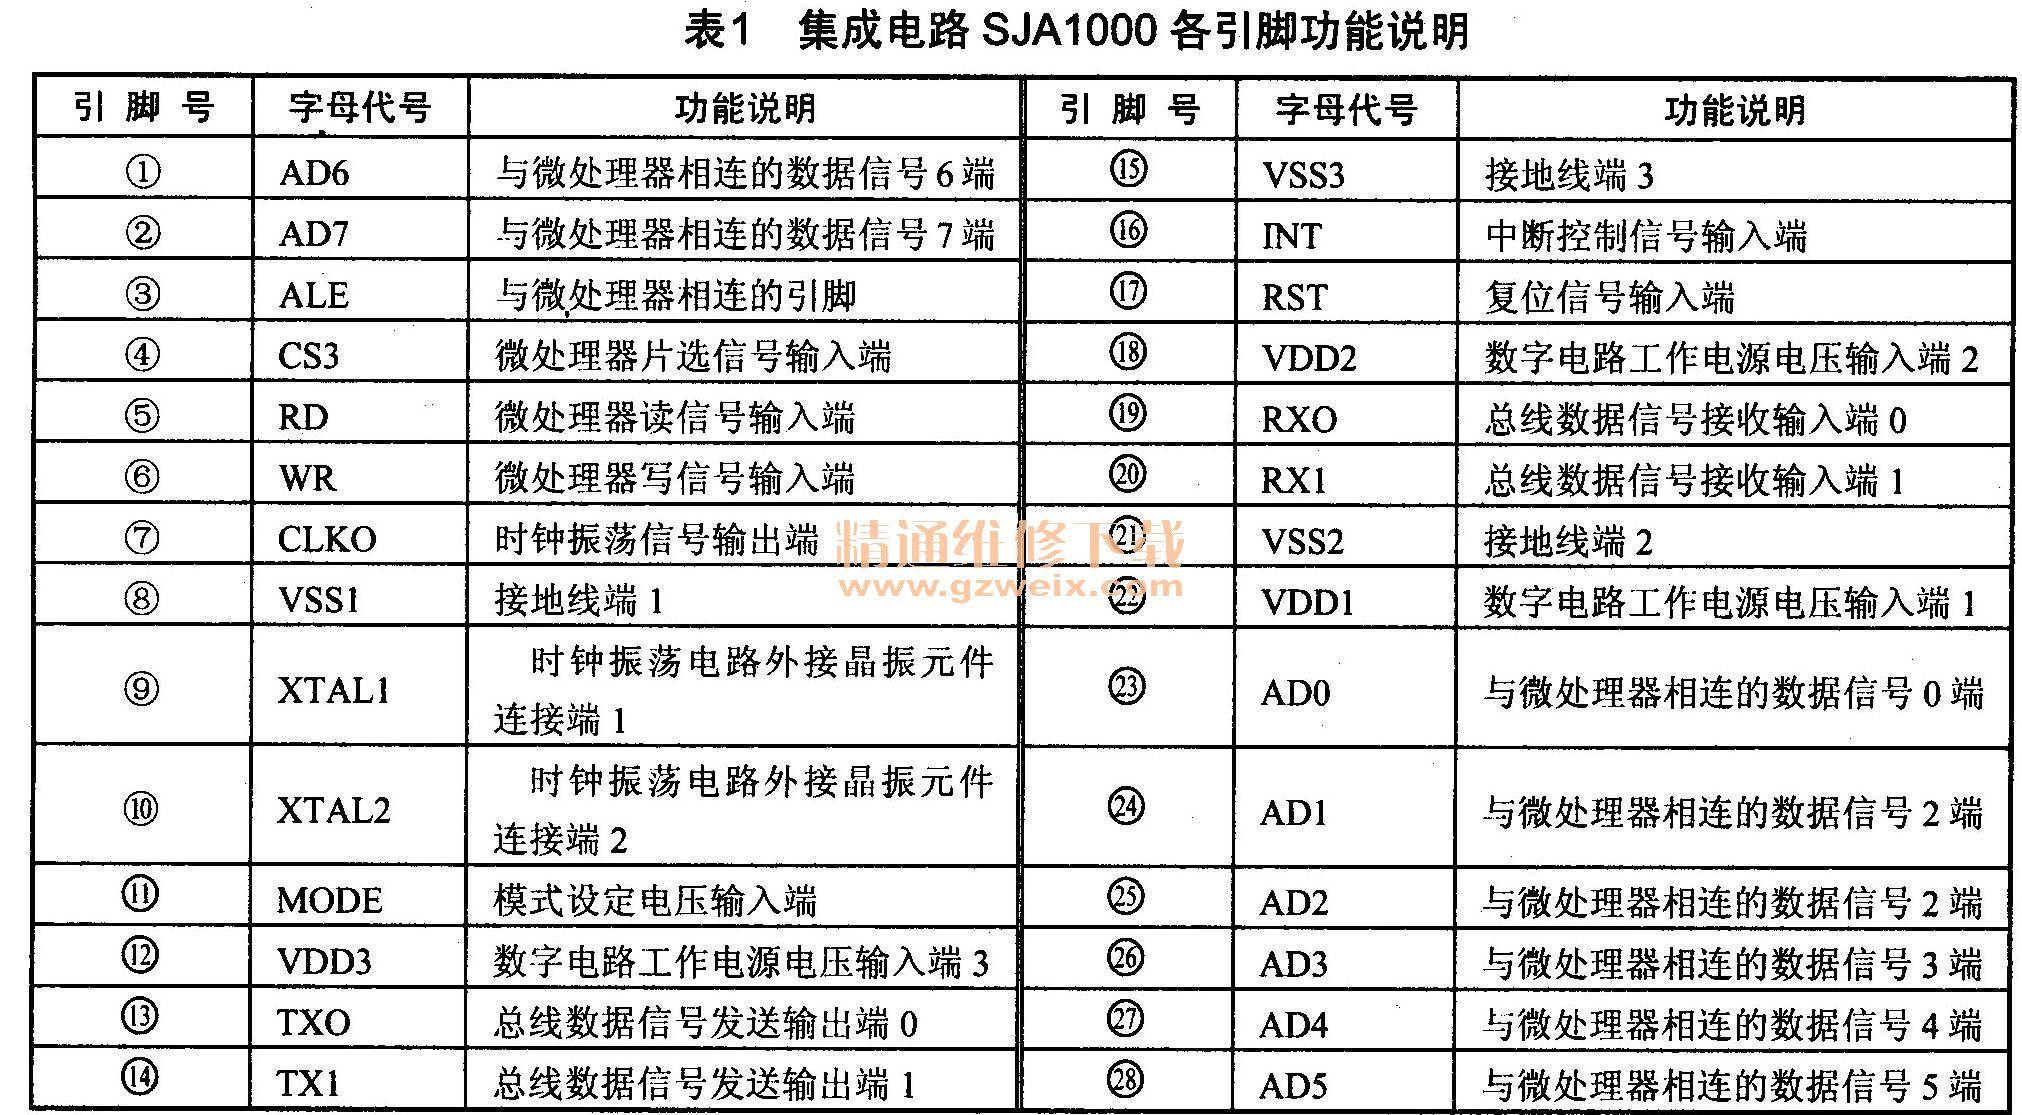 集成电路SJA1000各引脚功能说明